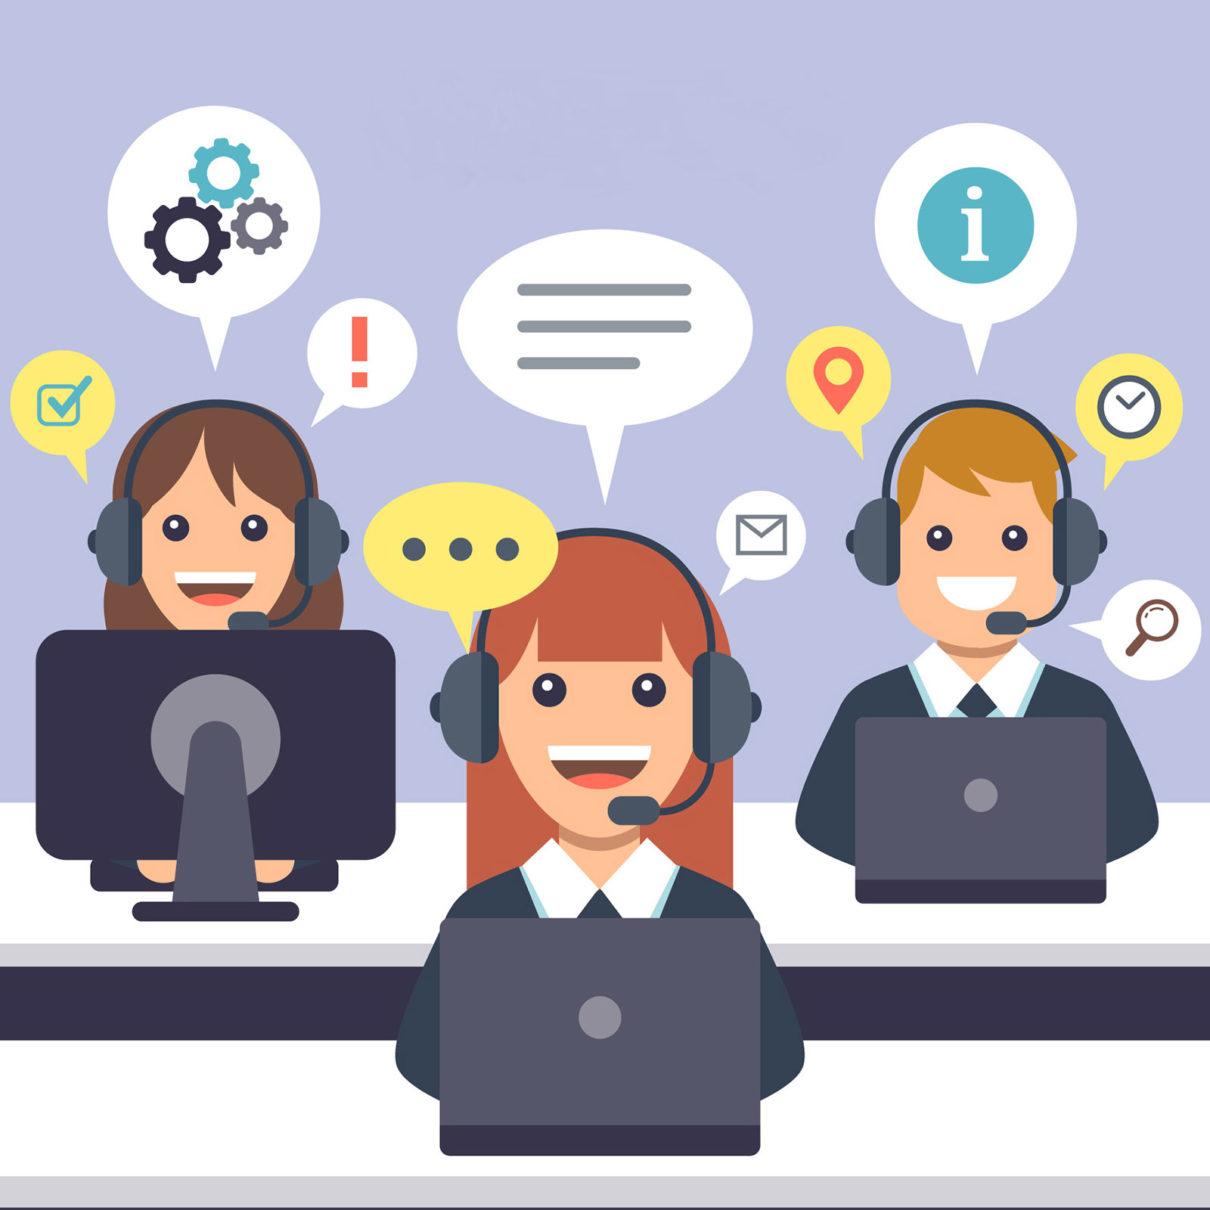 Service client : comment bien gérer les demandes de vos clients